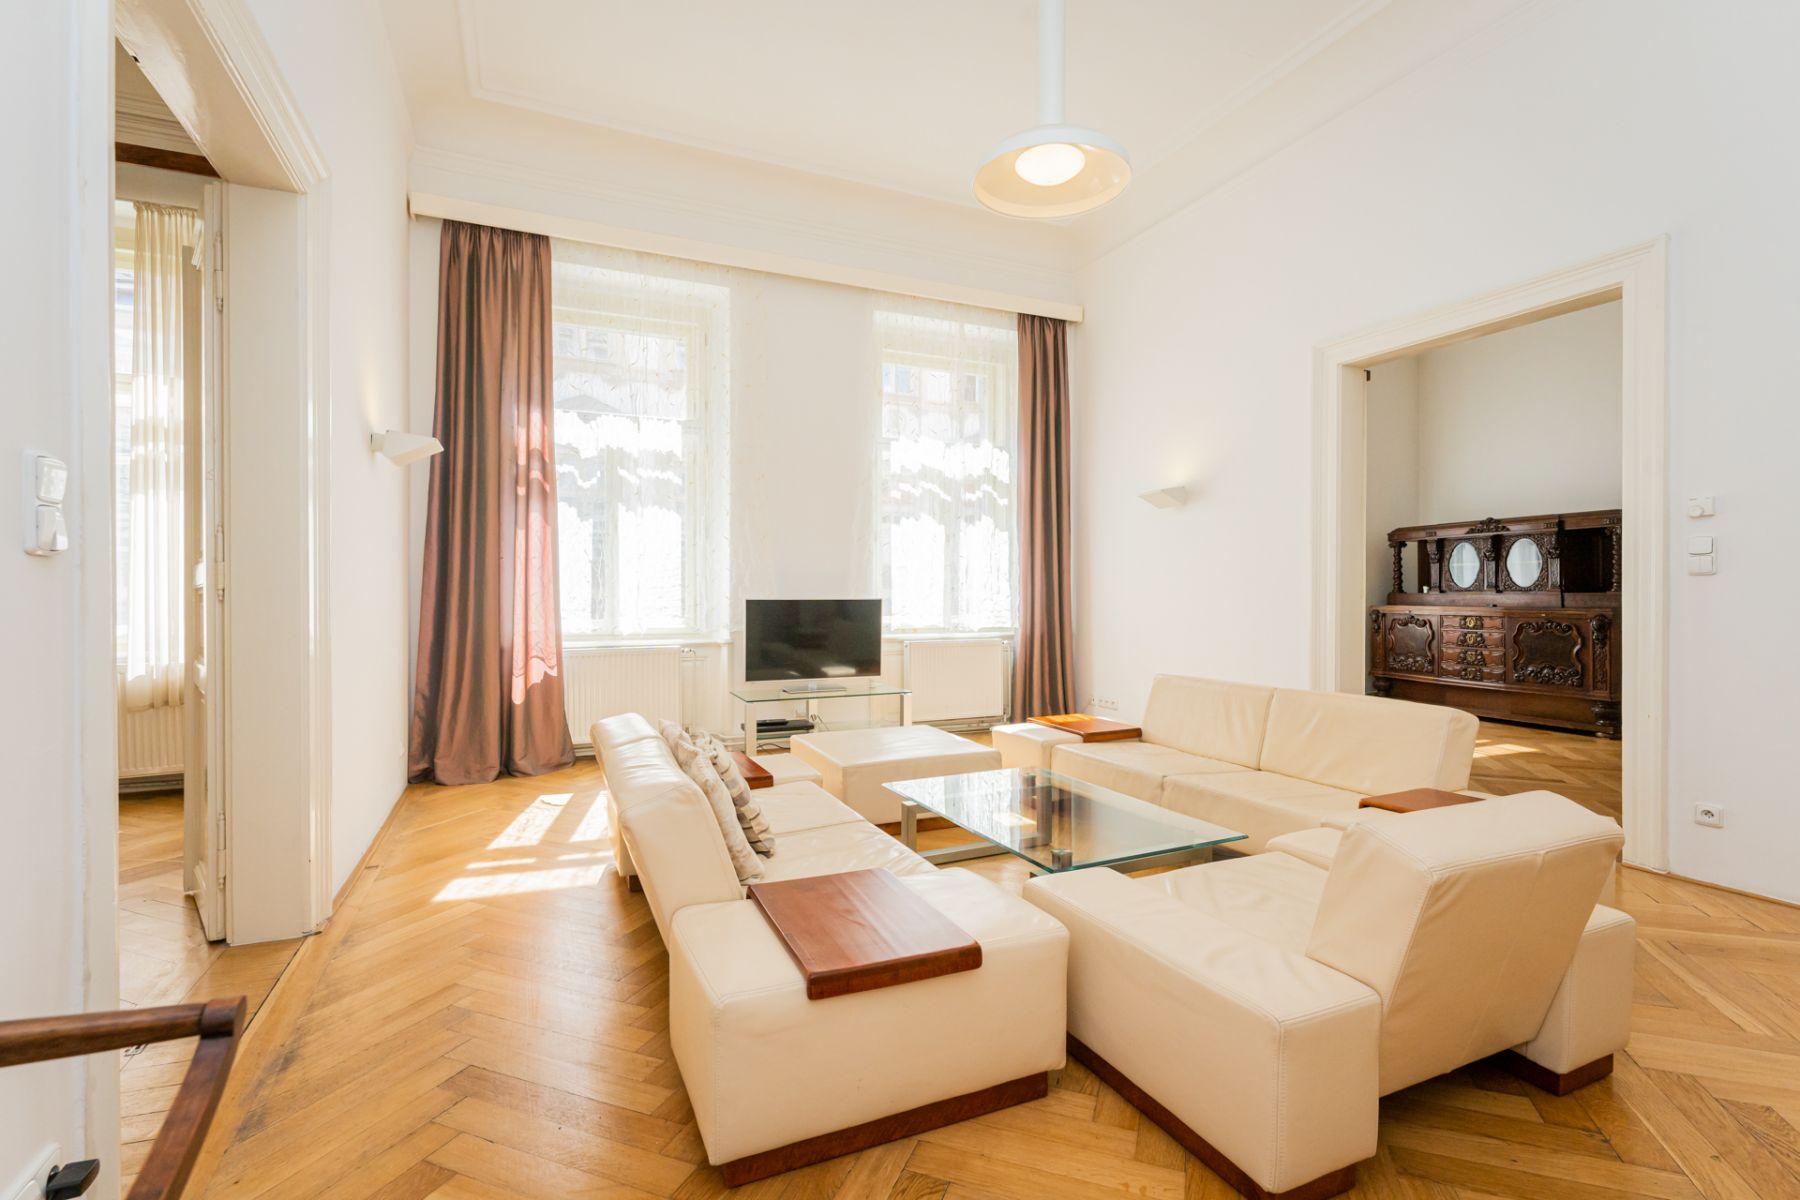 Pronájem zařízeného bytu 4+1, 144 m2, Praha 1 - Staré Město